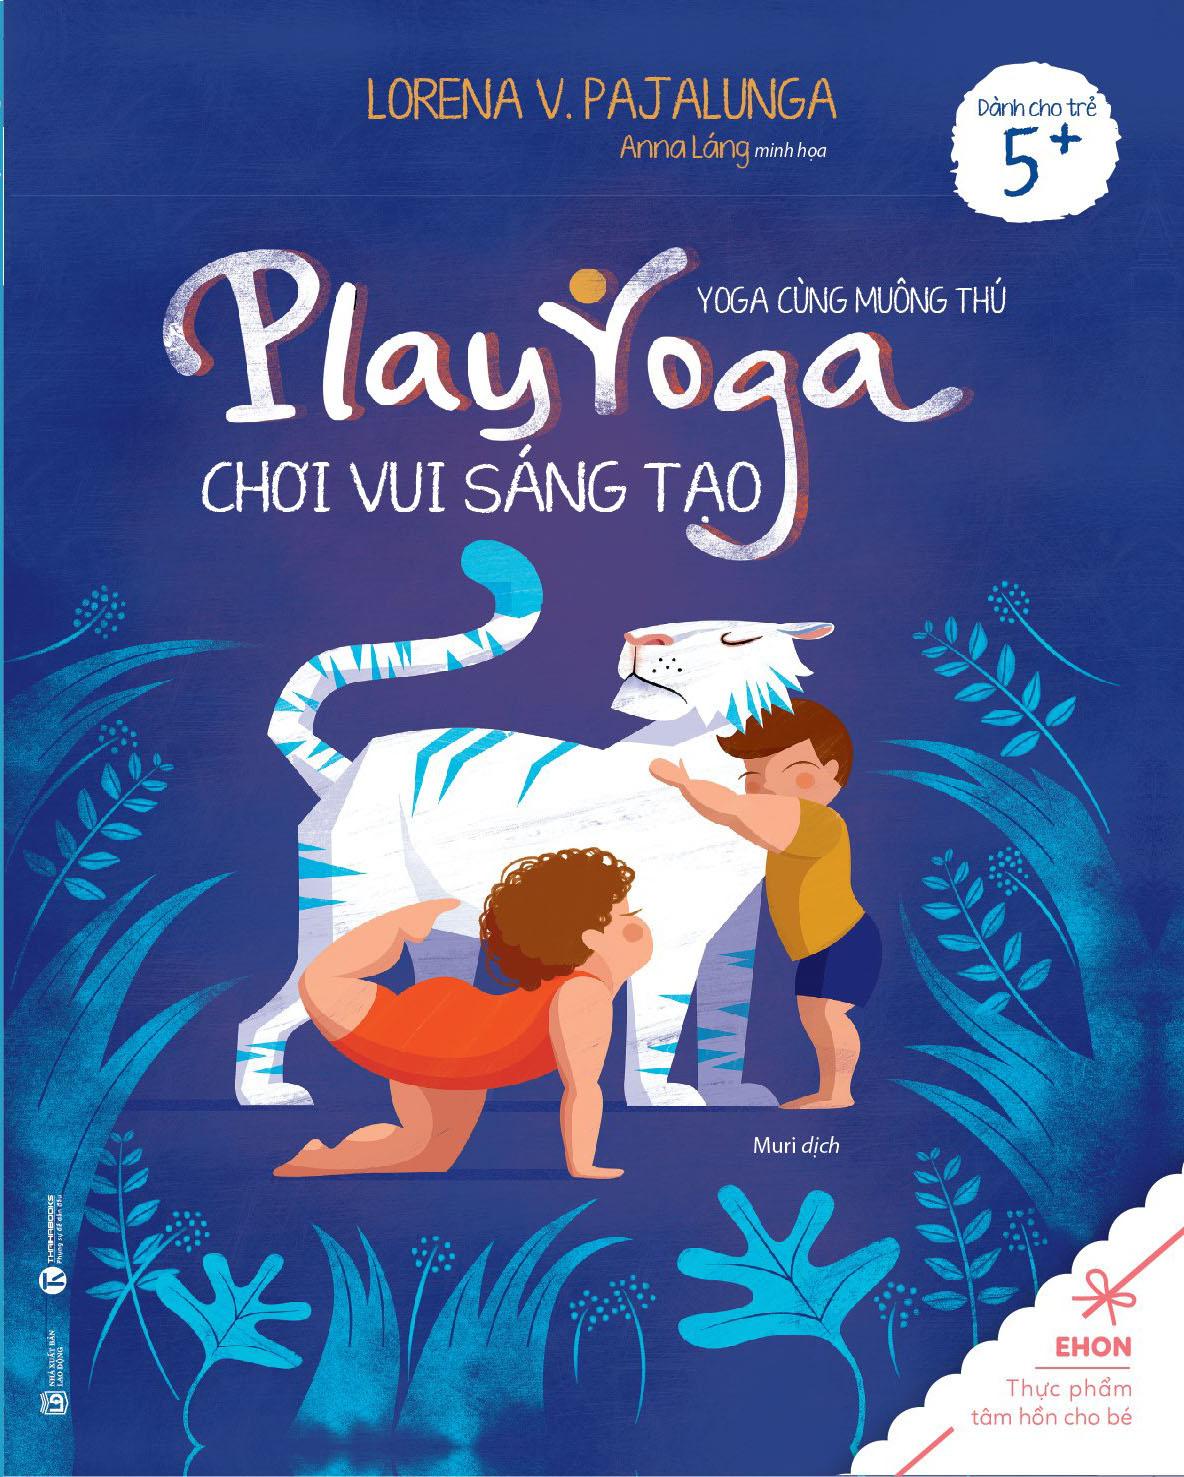 Ehon Yoga Cùng Muông Thú - Chơi Vui Sáng Tạo - EBOOK/PDF/PRC/EPUB